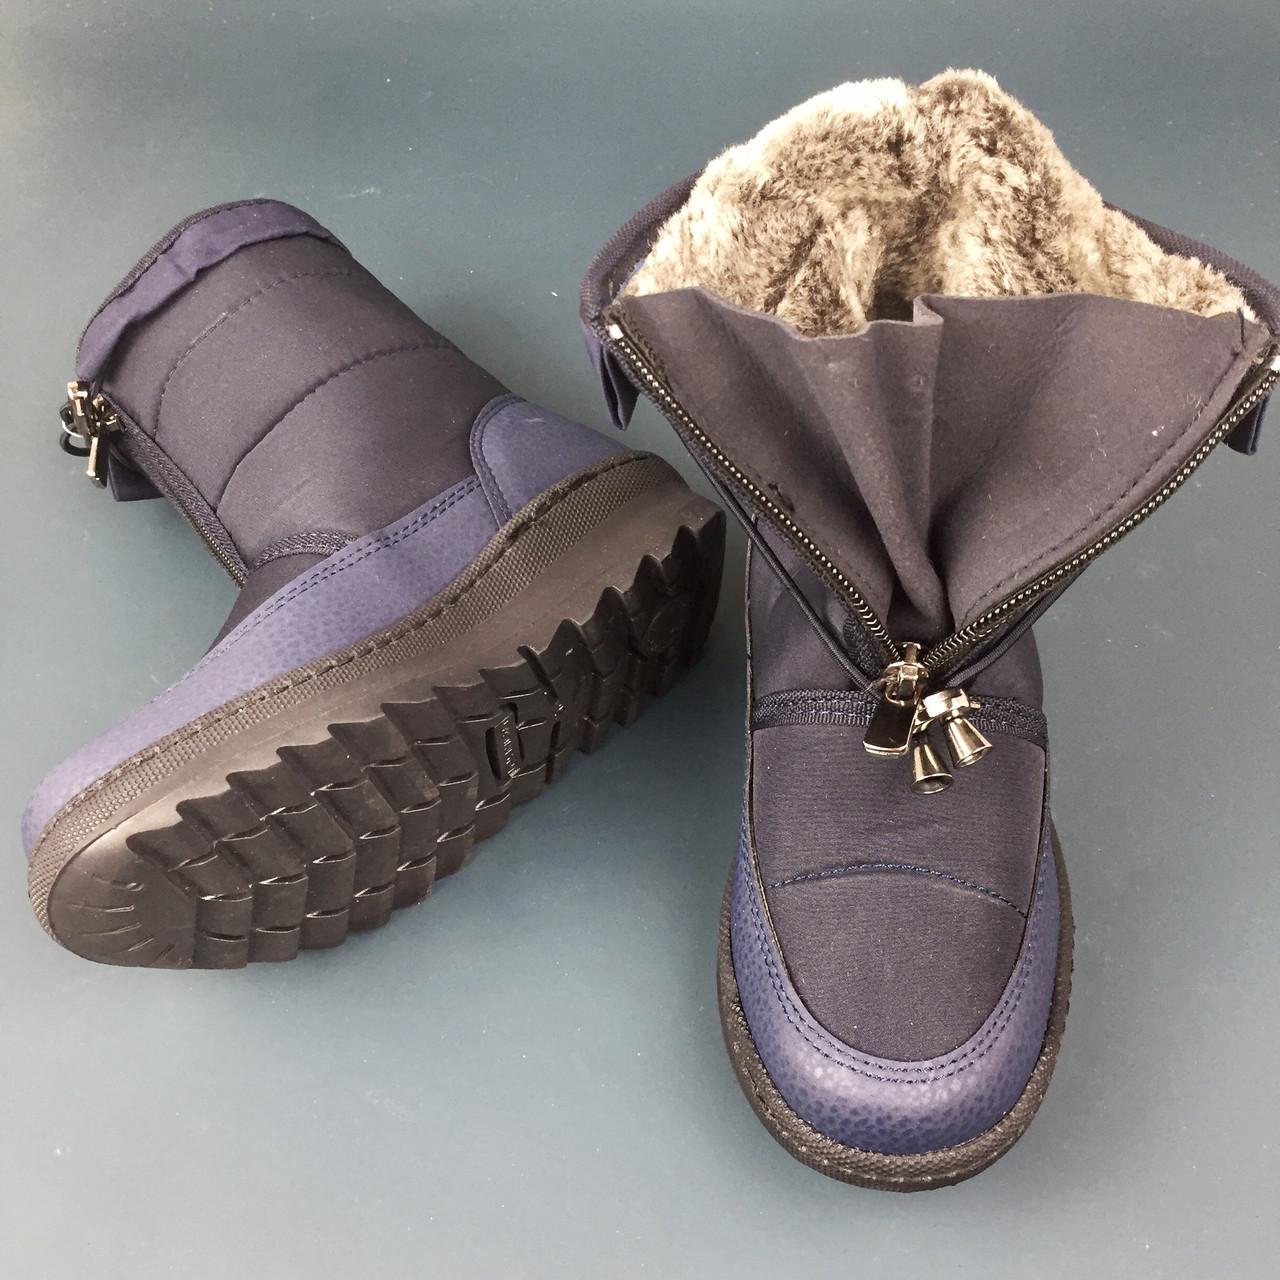 MINICAN обувь зимняя сапоги дутыши аляска детские унисекс обувь